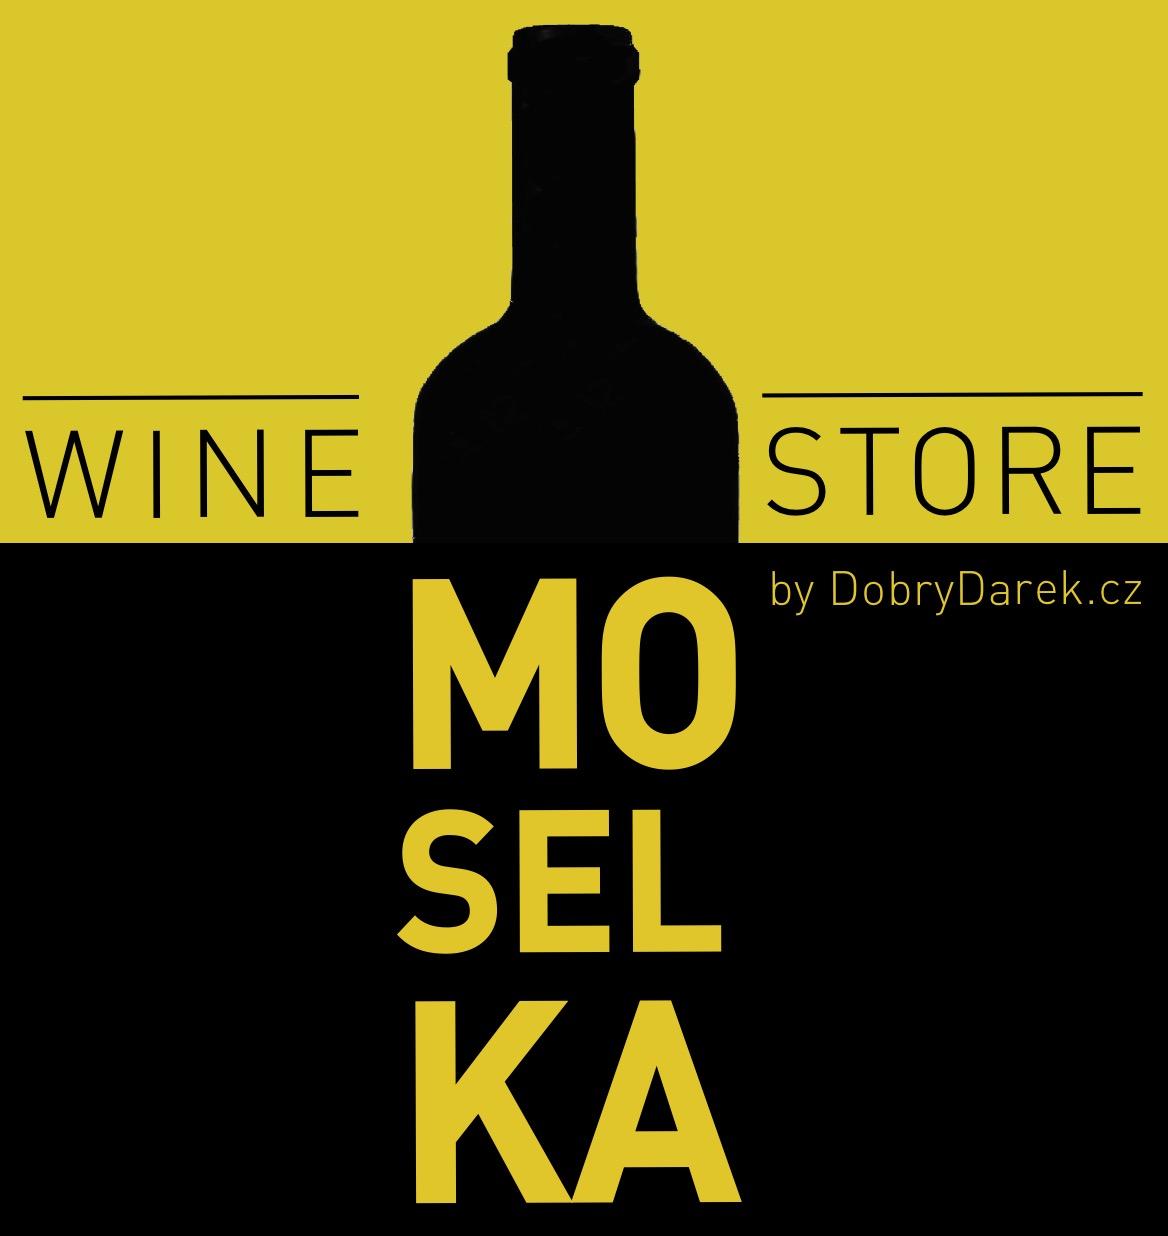 Moselka_logo